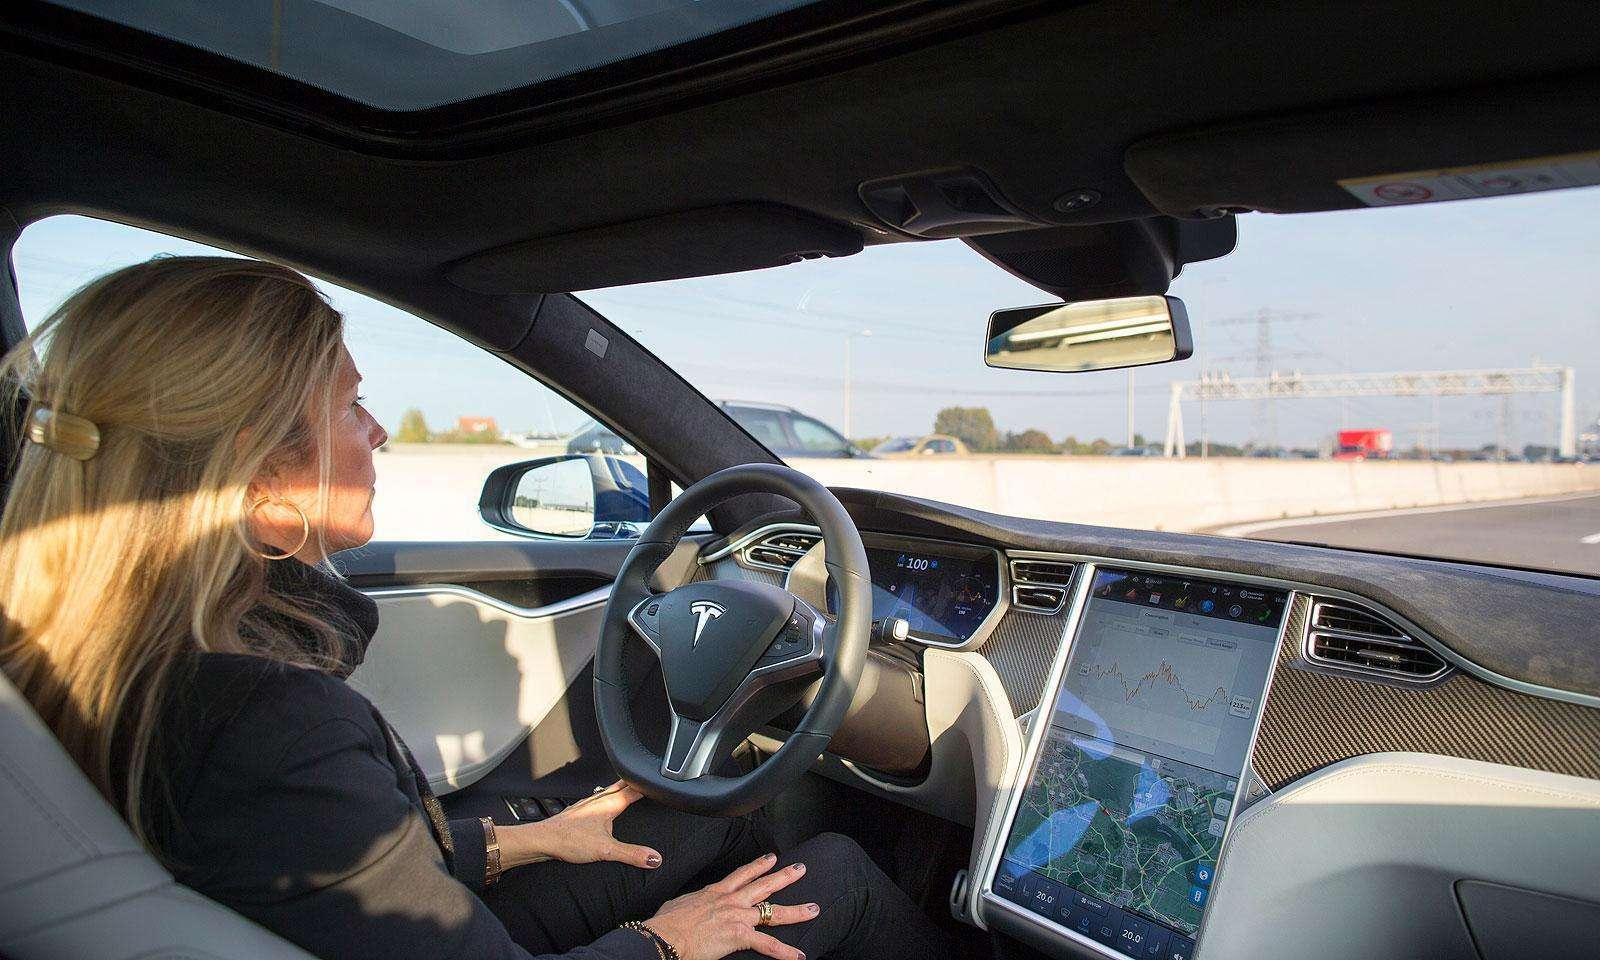 特斯拉自研自动驾驶芯片 用于Model 3等车型